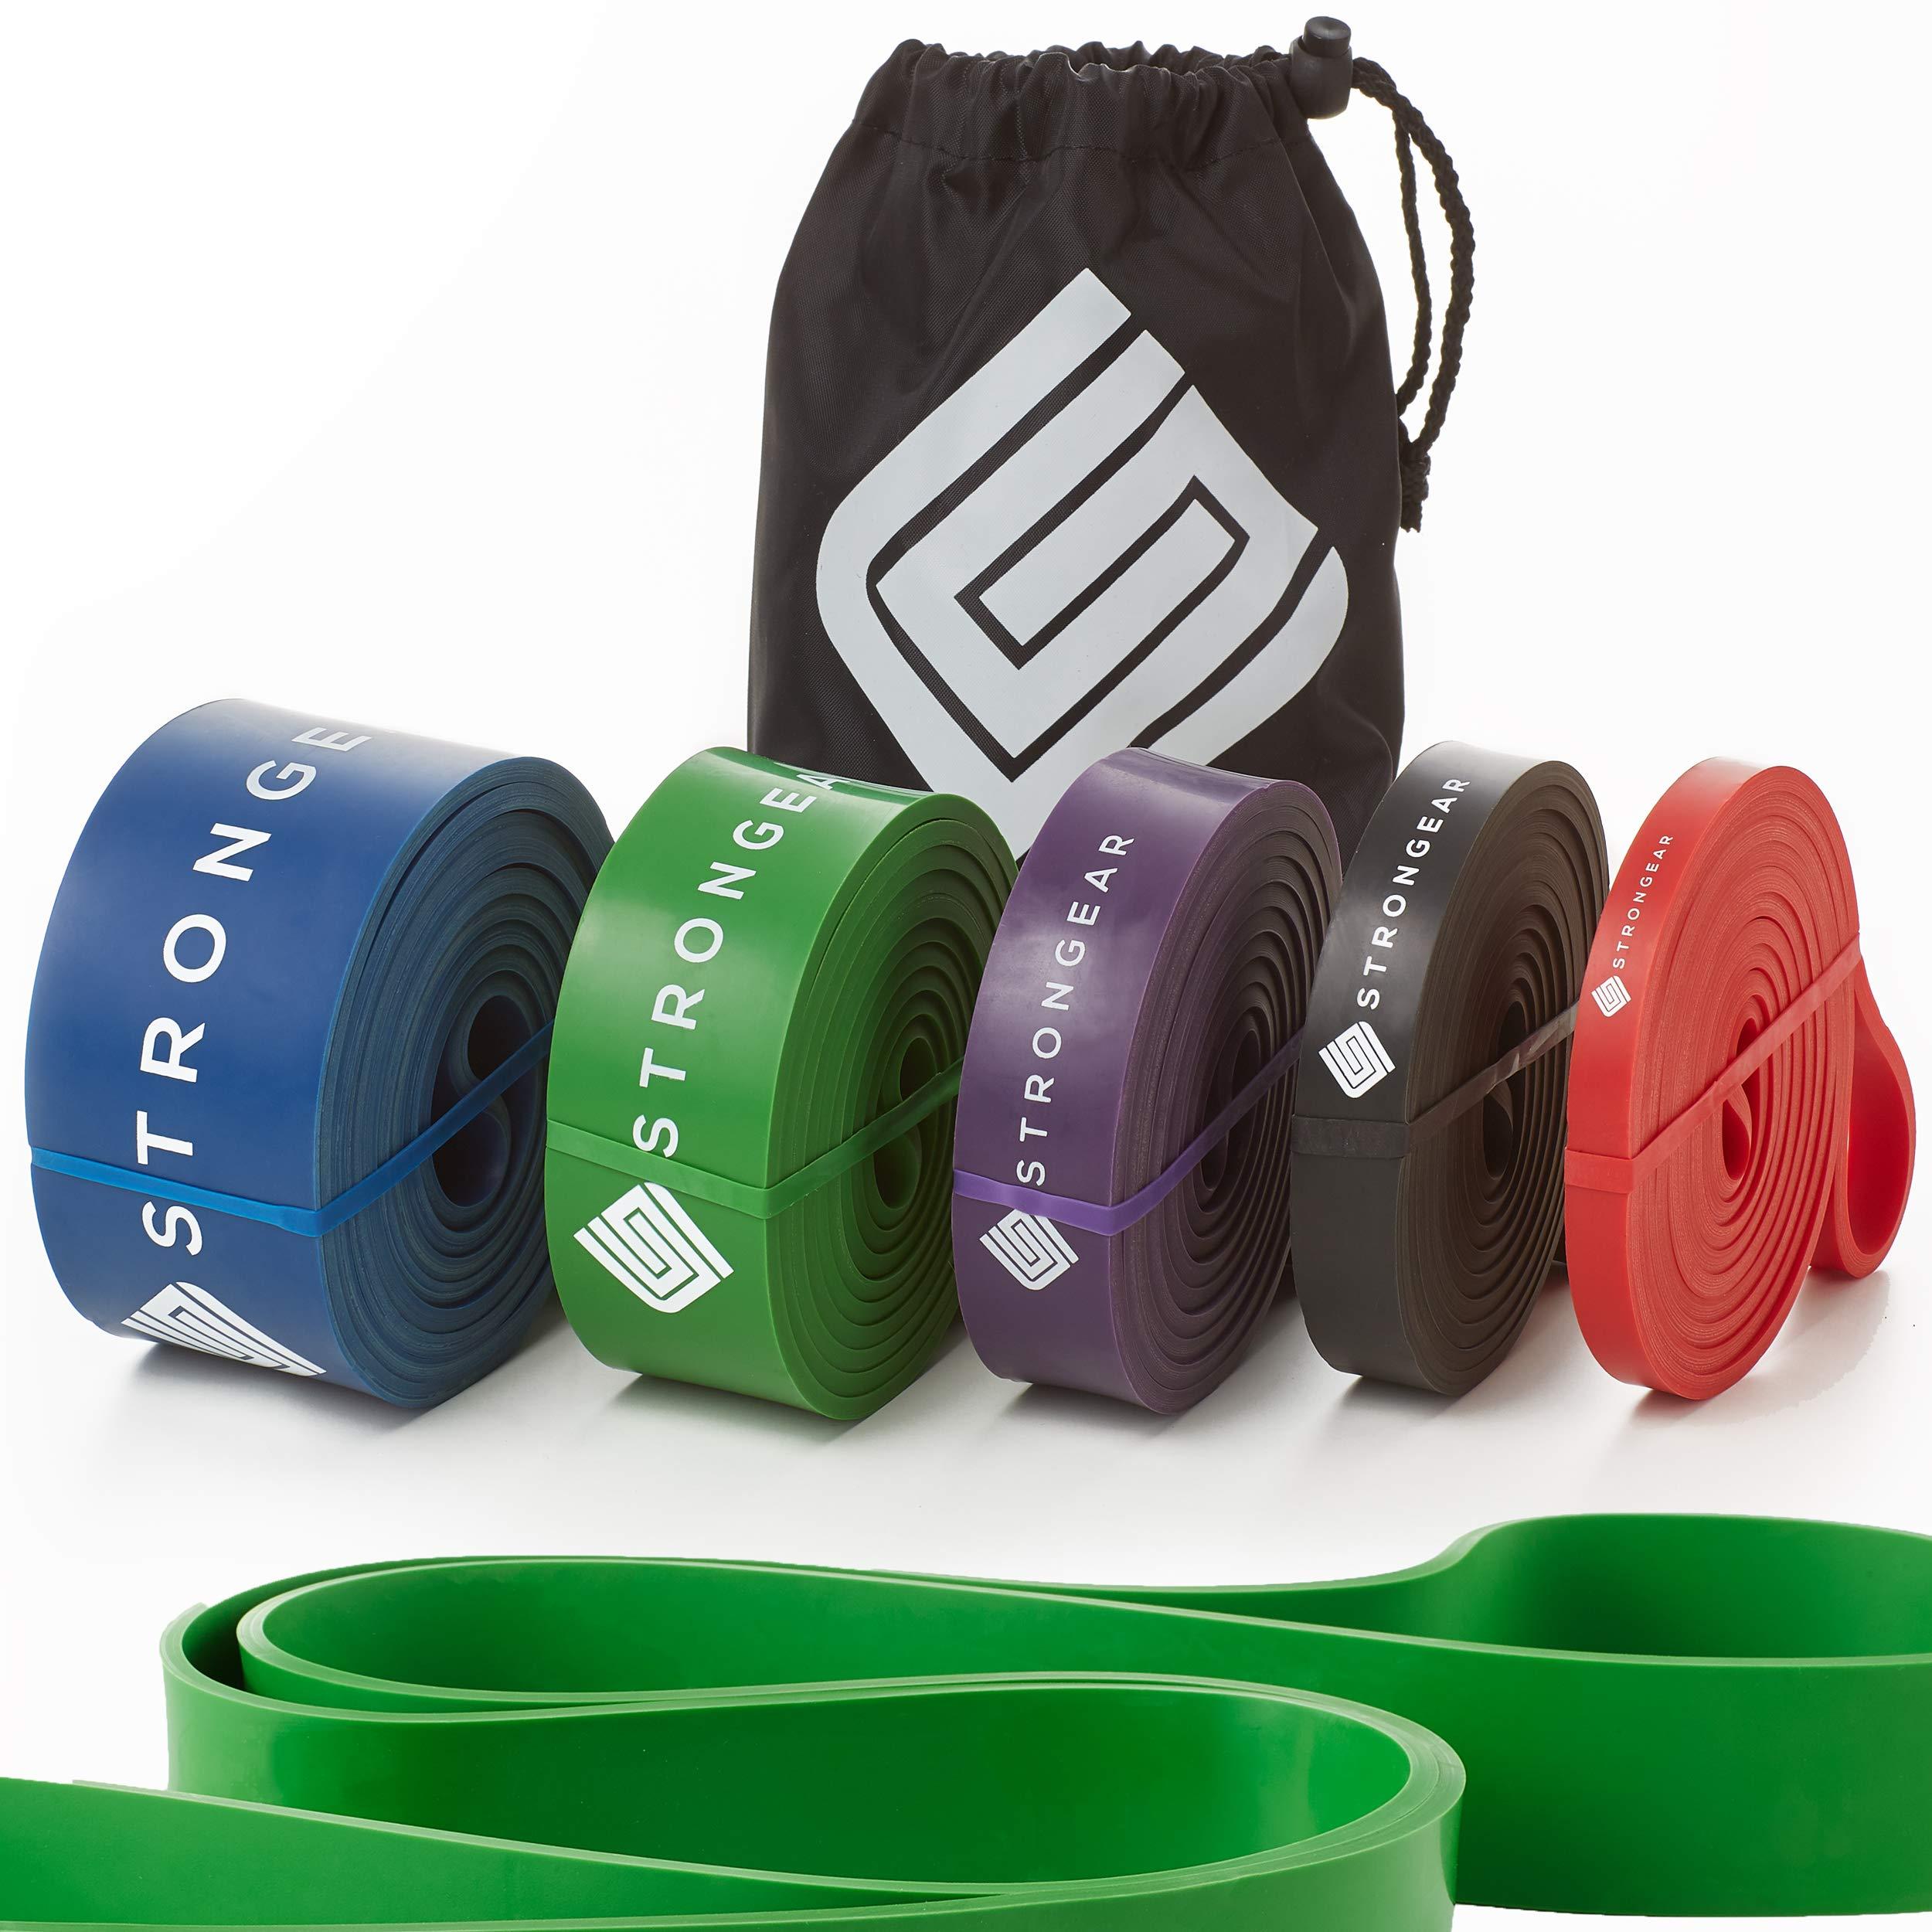 Haut Pflege Werkzeuge Ordentlich Körper Fuß Pflege Training-tool Elastische Spannung Resistance Band Set Tragen Tasche